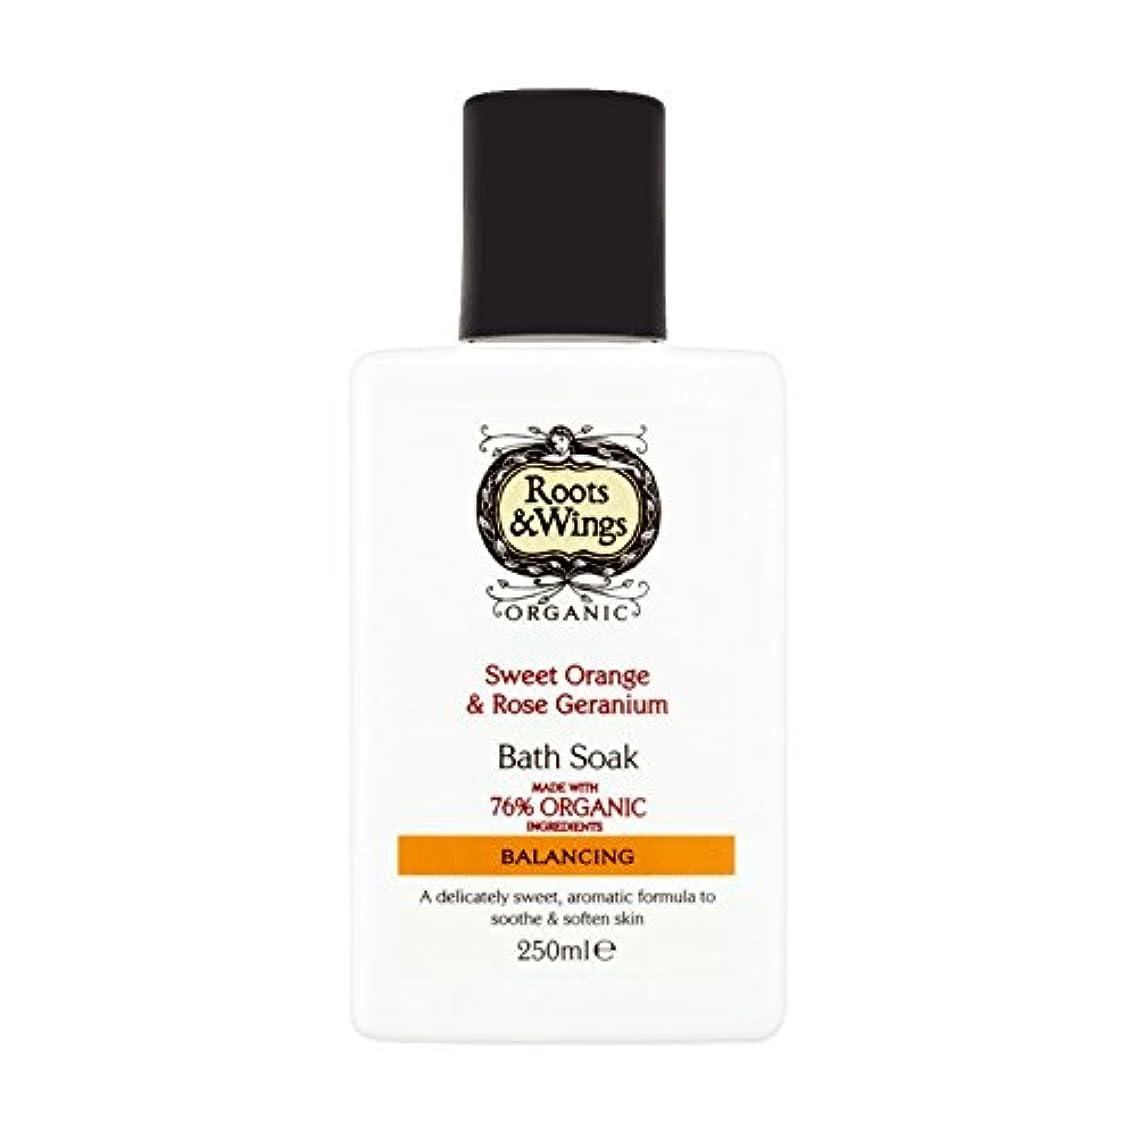 シャーマーガレットミッチェル性的Roots & Wings Bath Soak Sweet Orange & Rose Geranium 250ml (Pack of 6) - ルーツ&翼バス甘いオレンジを浸し&ゼラニウム250ミリリットルをバラ (x6...